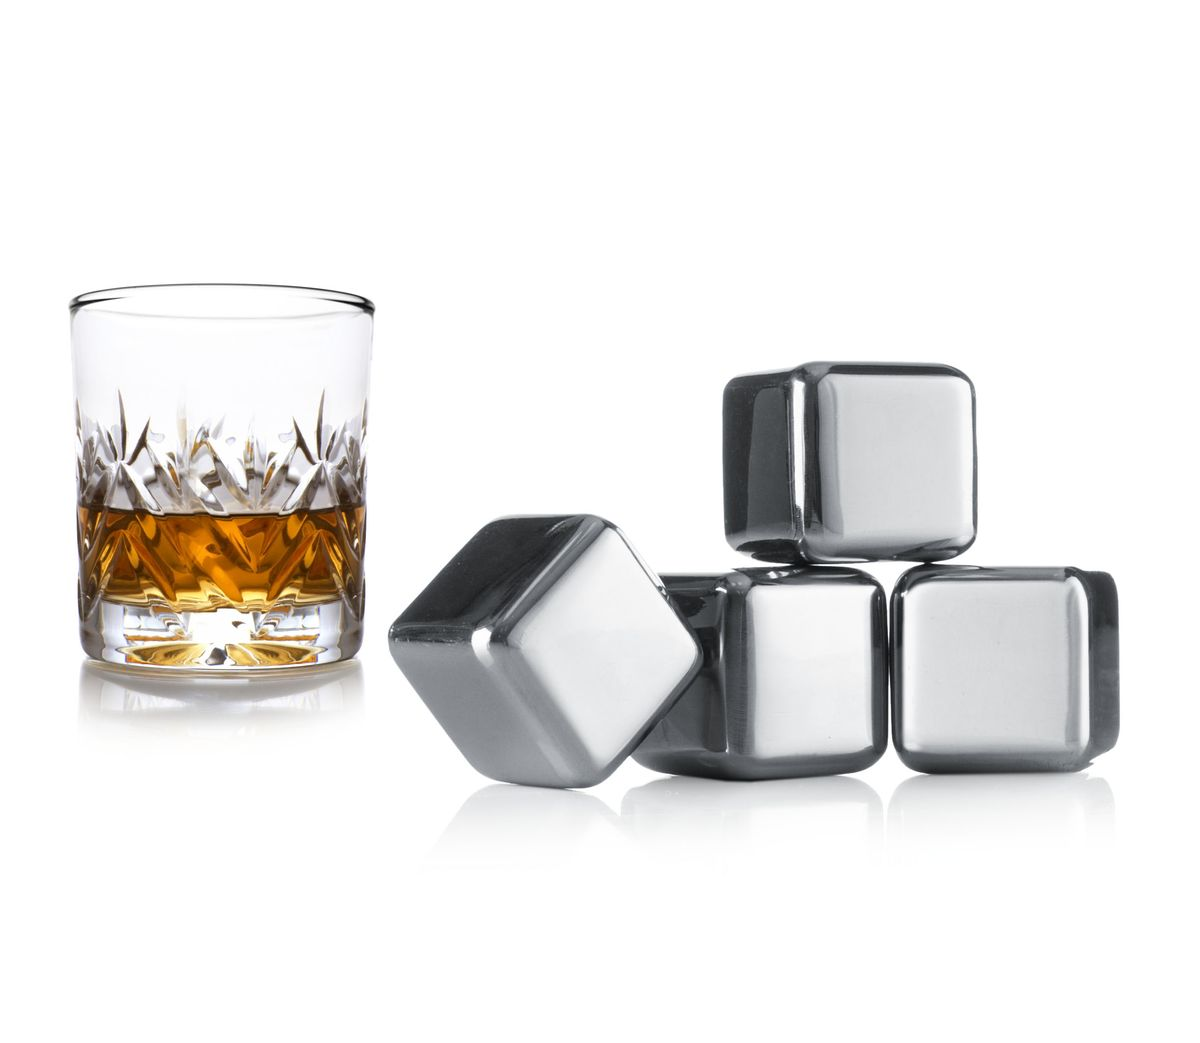 """Небольшие камни """"VacuVin"""" выдерживаются и используются вместо льда для охлаждения виски или других напитков. Они выполнены из металла. Безусловным преимуществом является то, что напиток не разбавляется традиционными кубиками льда. В наборе 4 камня.  Хранить в морозилке!"""